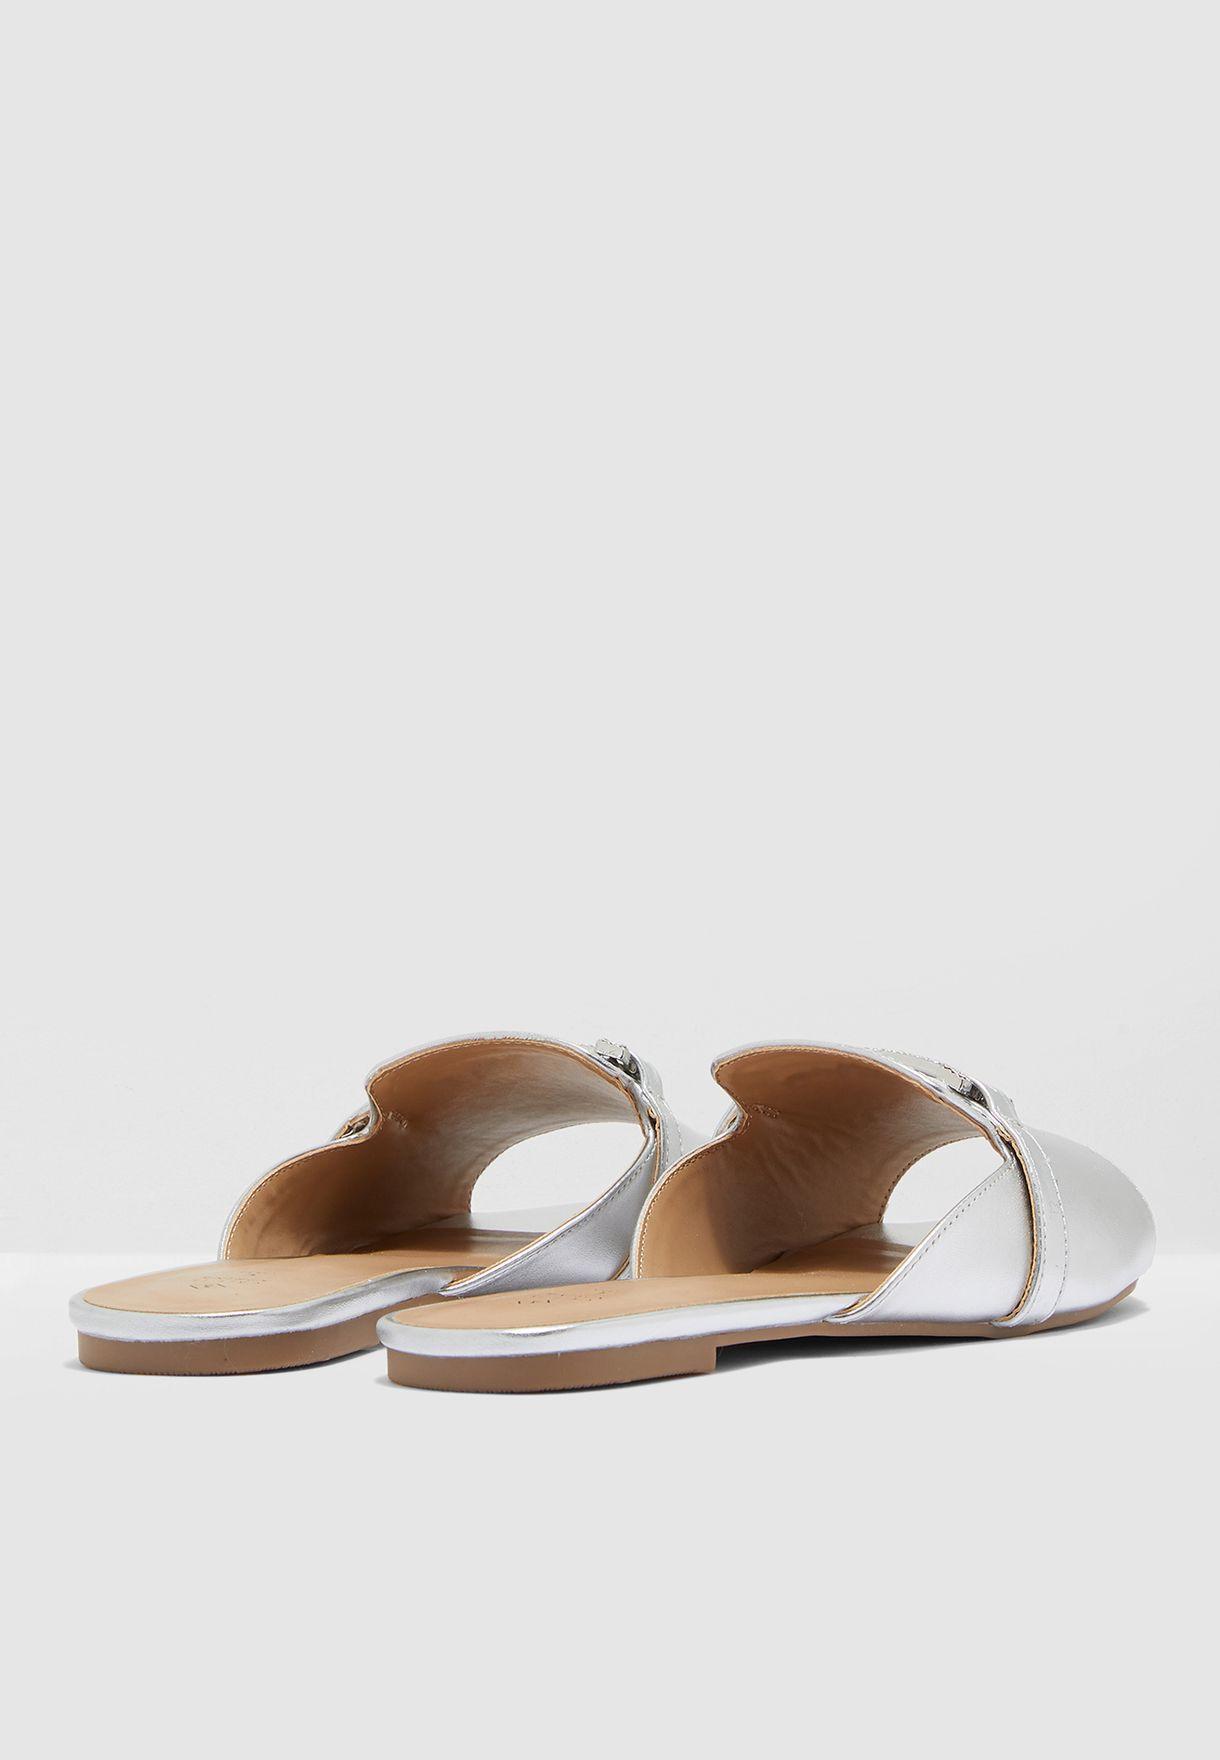 Panapen Sandal